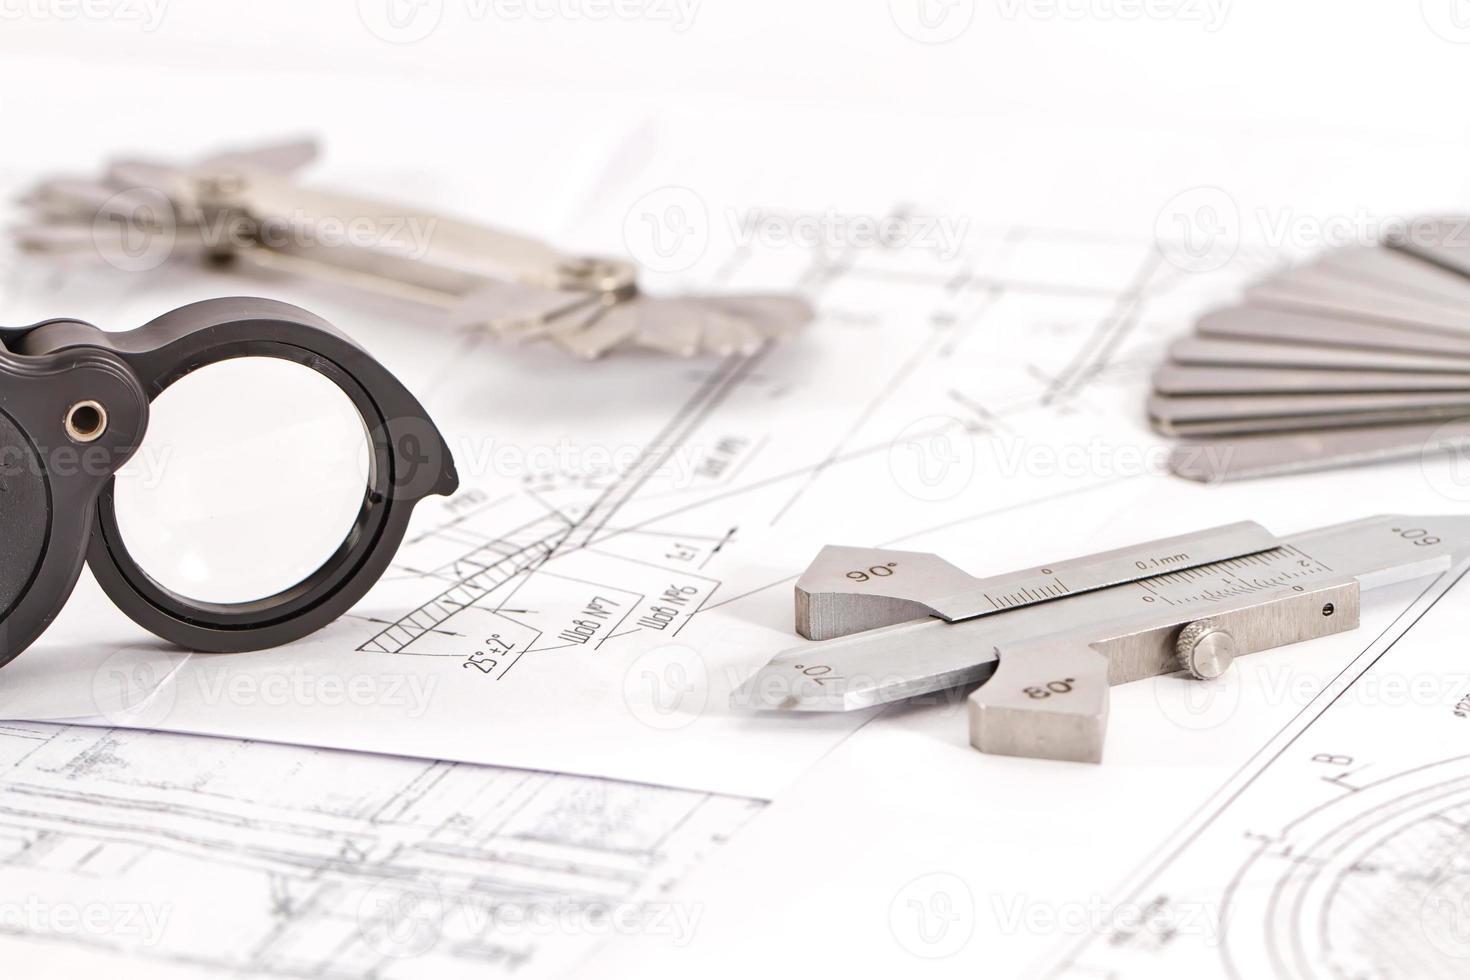 i modelli per il controllo visivo della misurazione si trovano sul tubo di disegno foto